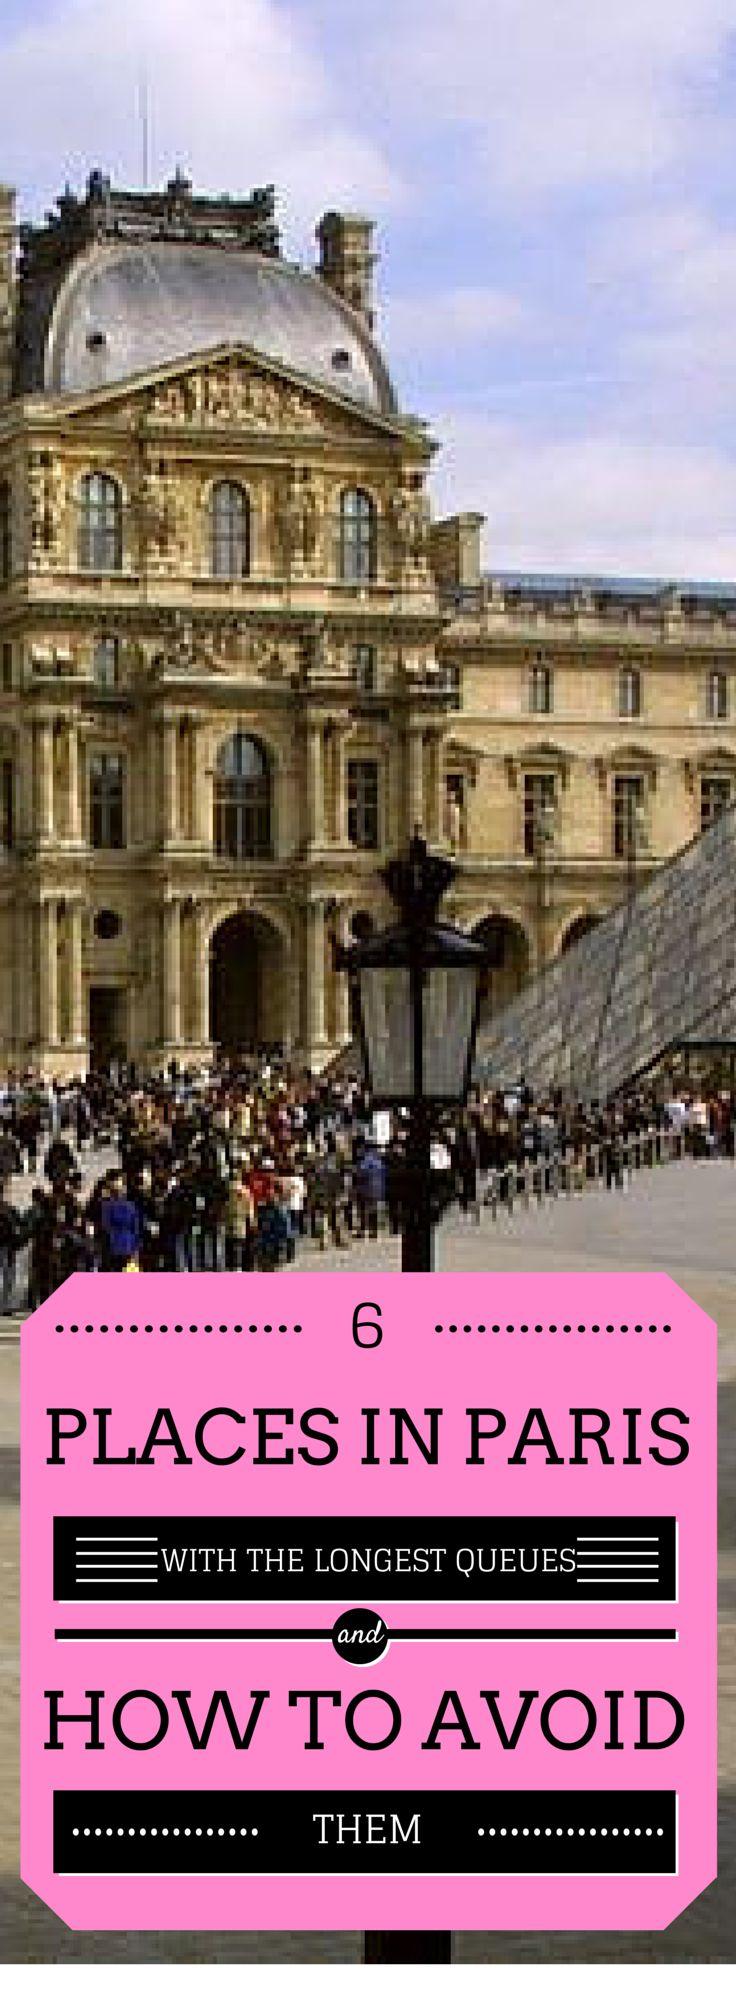 Très bon conseil!  Nous sommes allés directement dans le Louvre sans lignes à 6h le mercredi soir!